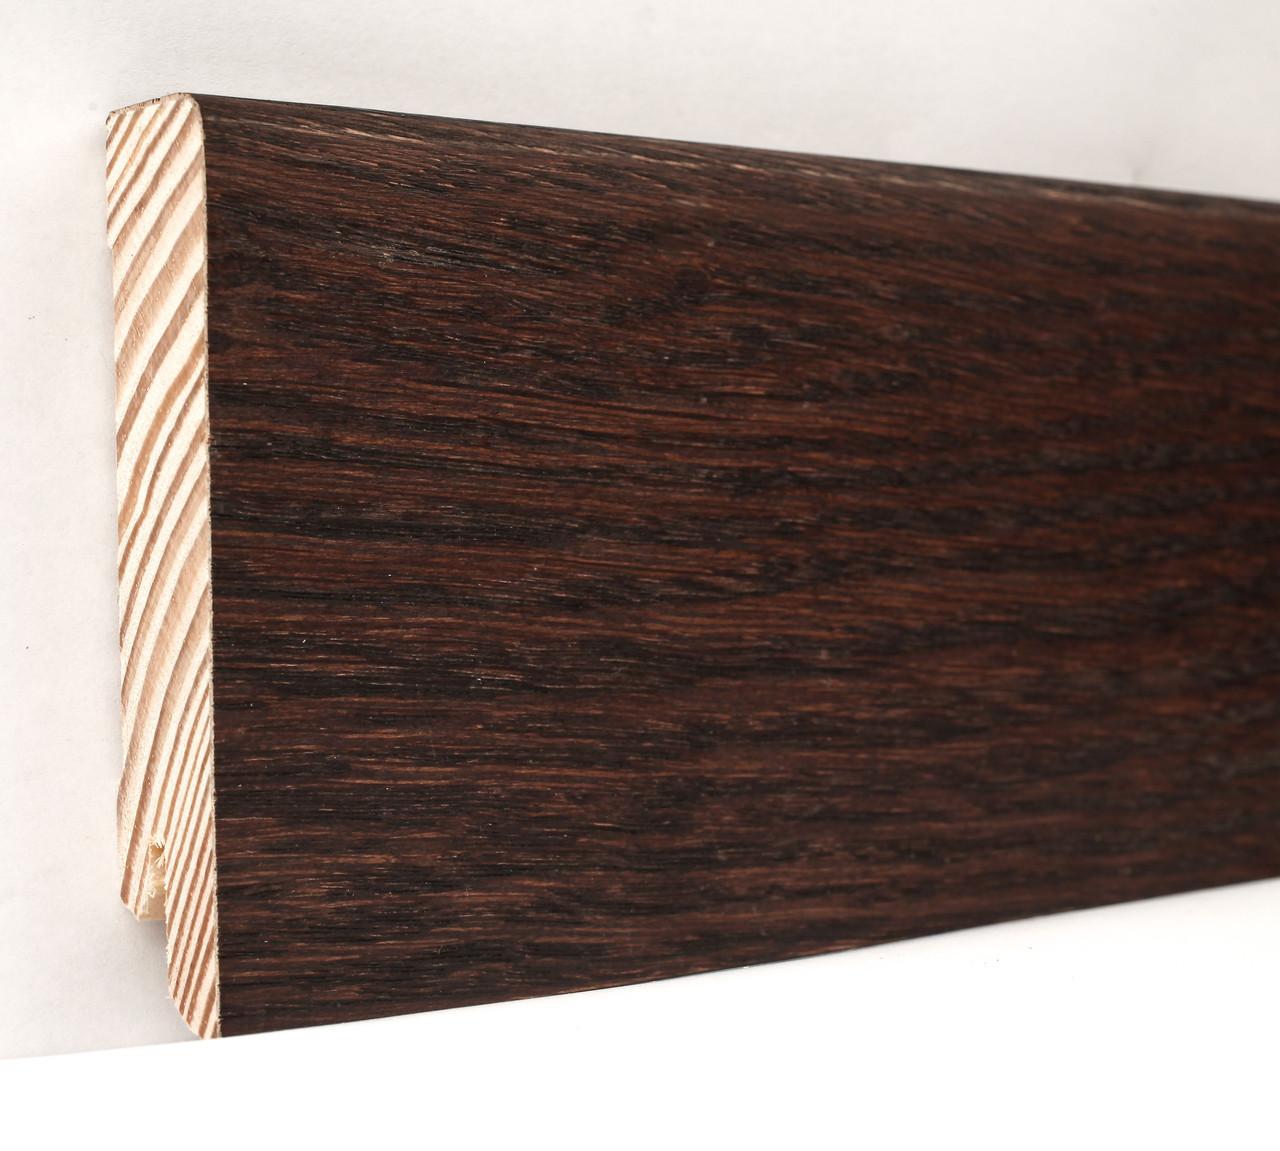 Плинтус деревянный (шпон) Kluchuk Neo Plinth Дуб Коньяк 120х19х2200 мм.